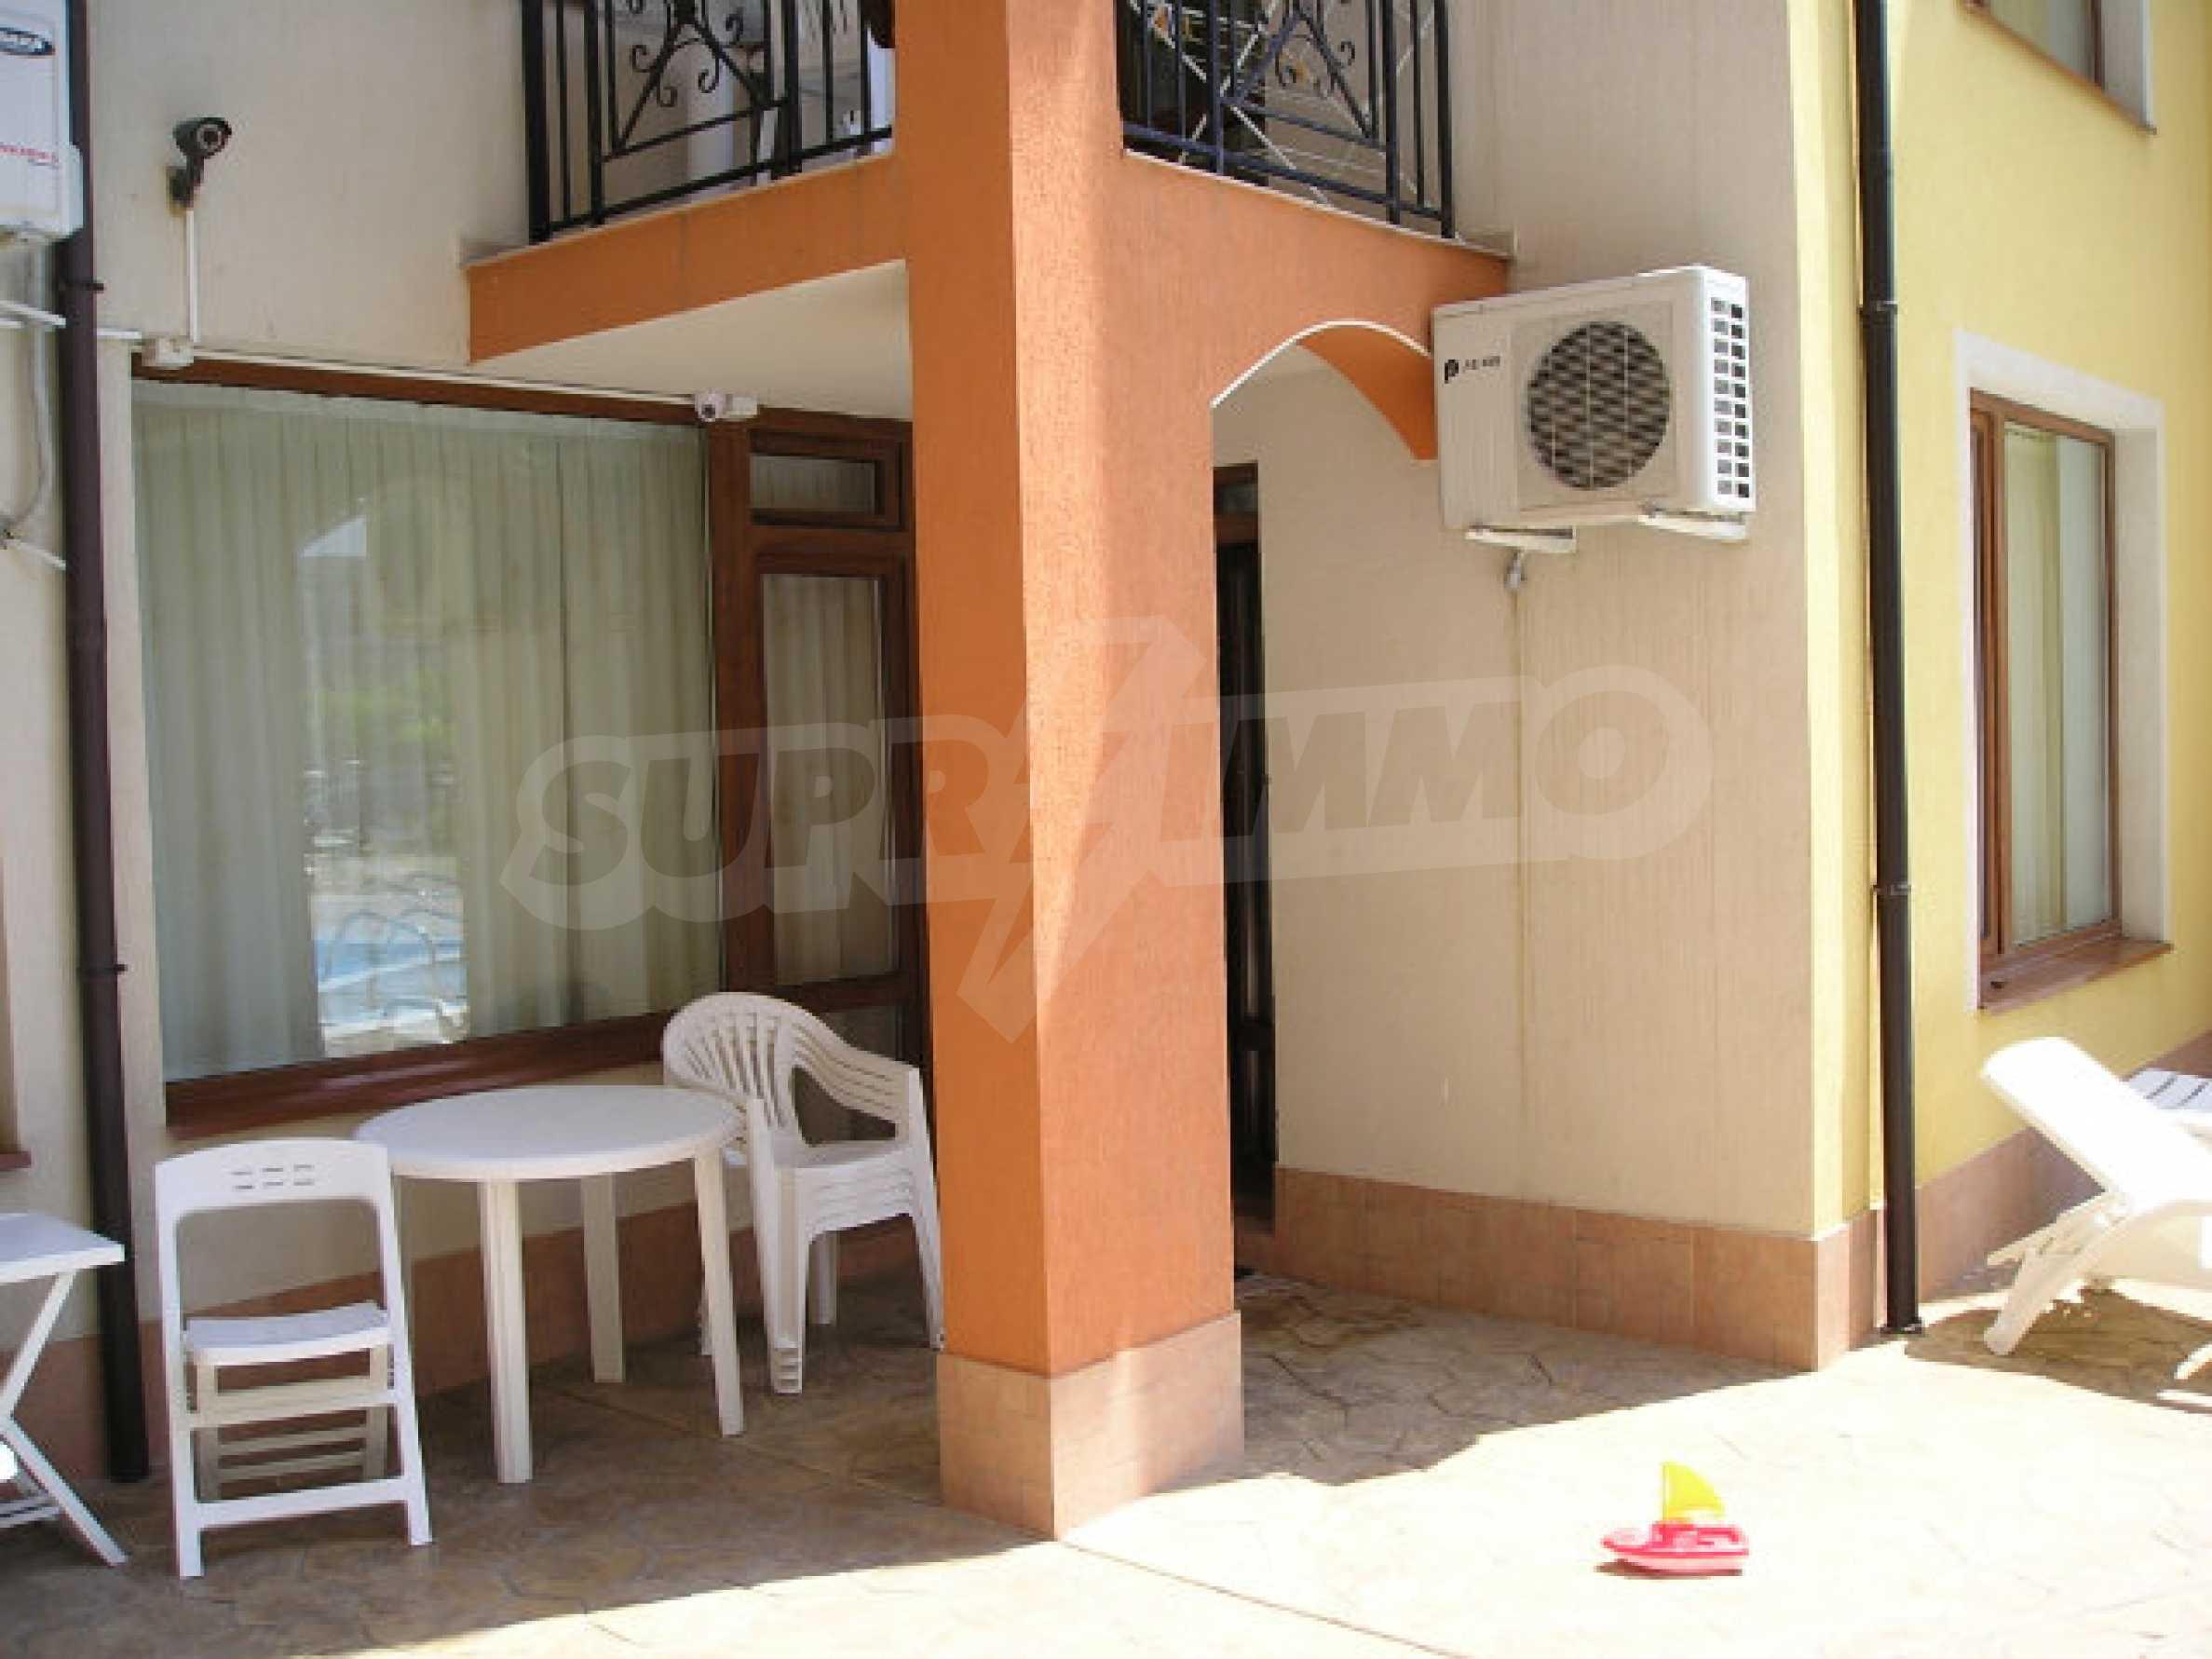 Ein-Zimmer-Wohnung zum Verkauf in Victor Komplex in Saint Vlas 13